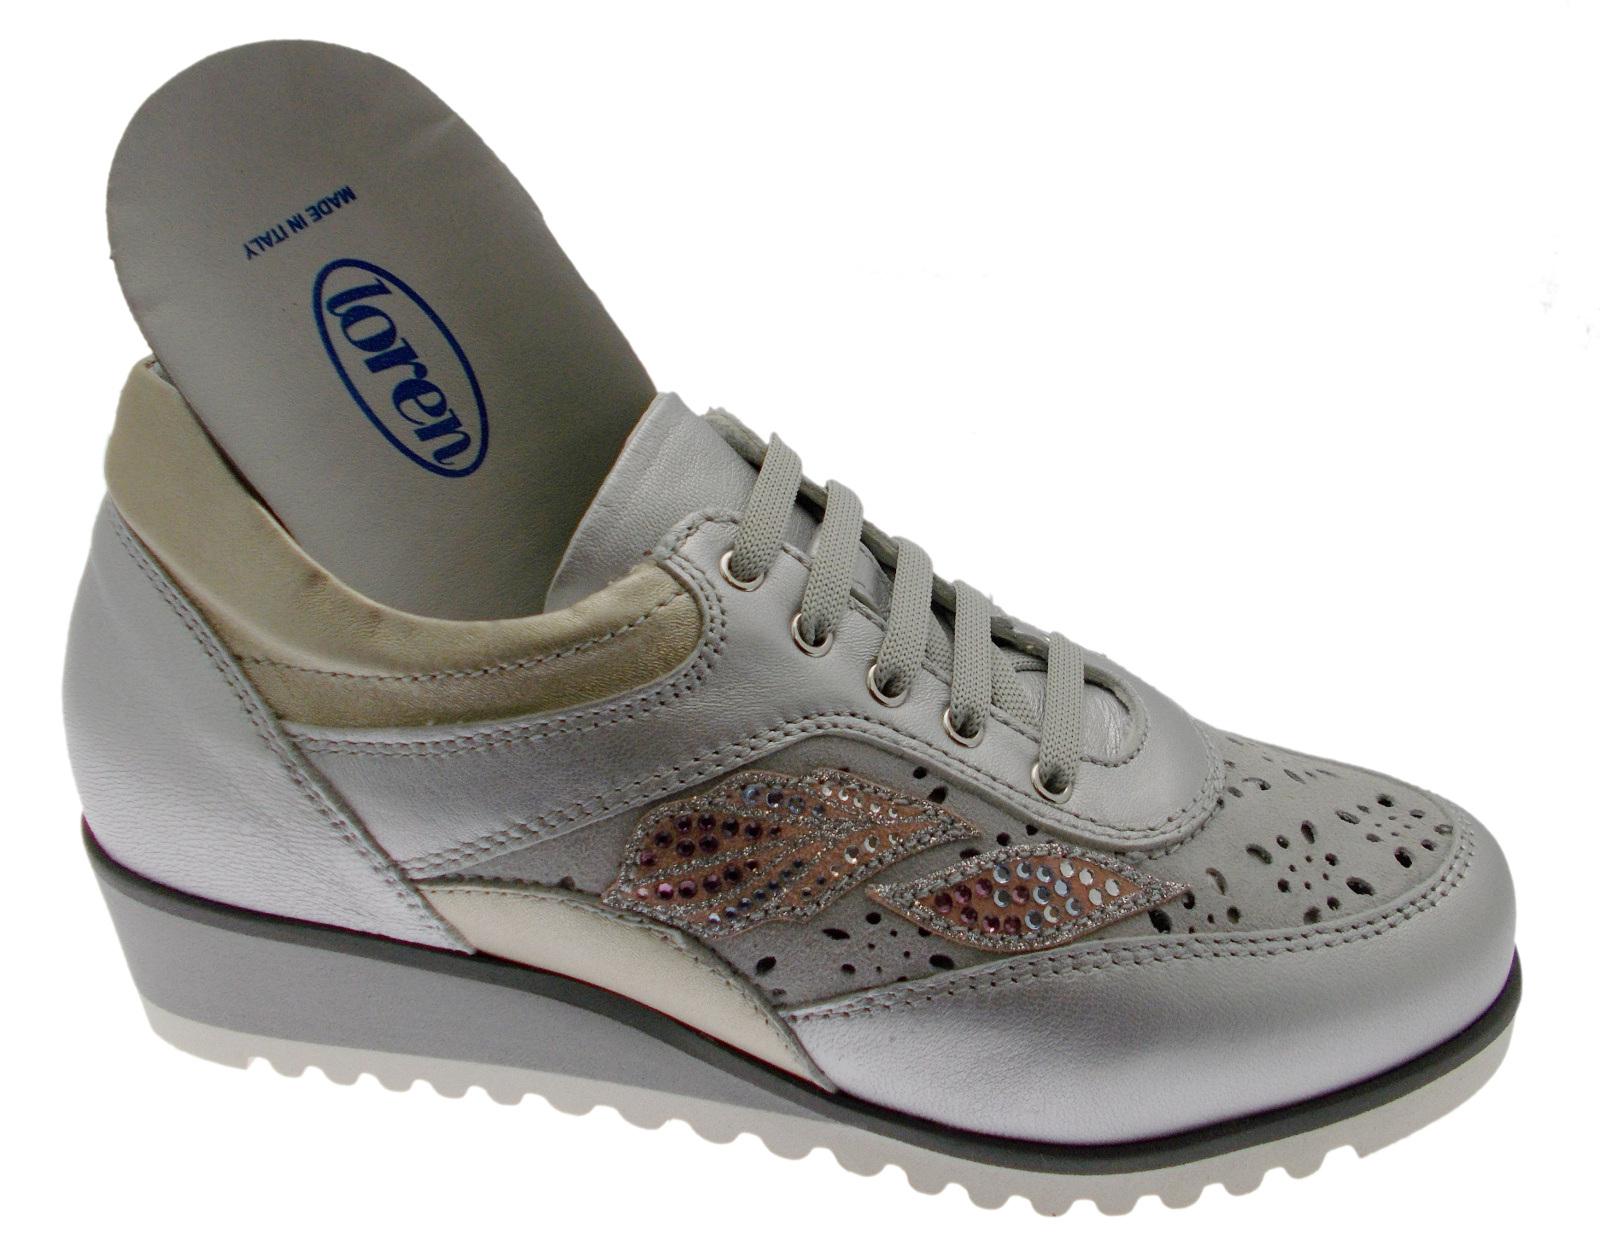 2deeb3cb ... Zapato de ortopédicos mujer C3788 ortopédicos de Cordones Tenis gris  Polvo Loren 0d8c23 ...